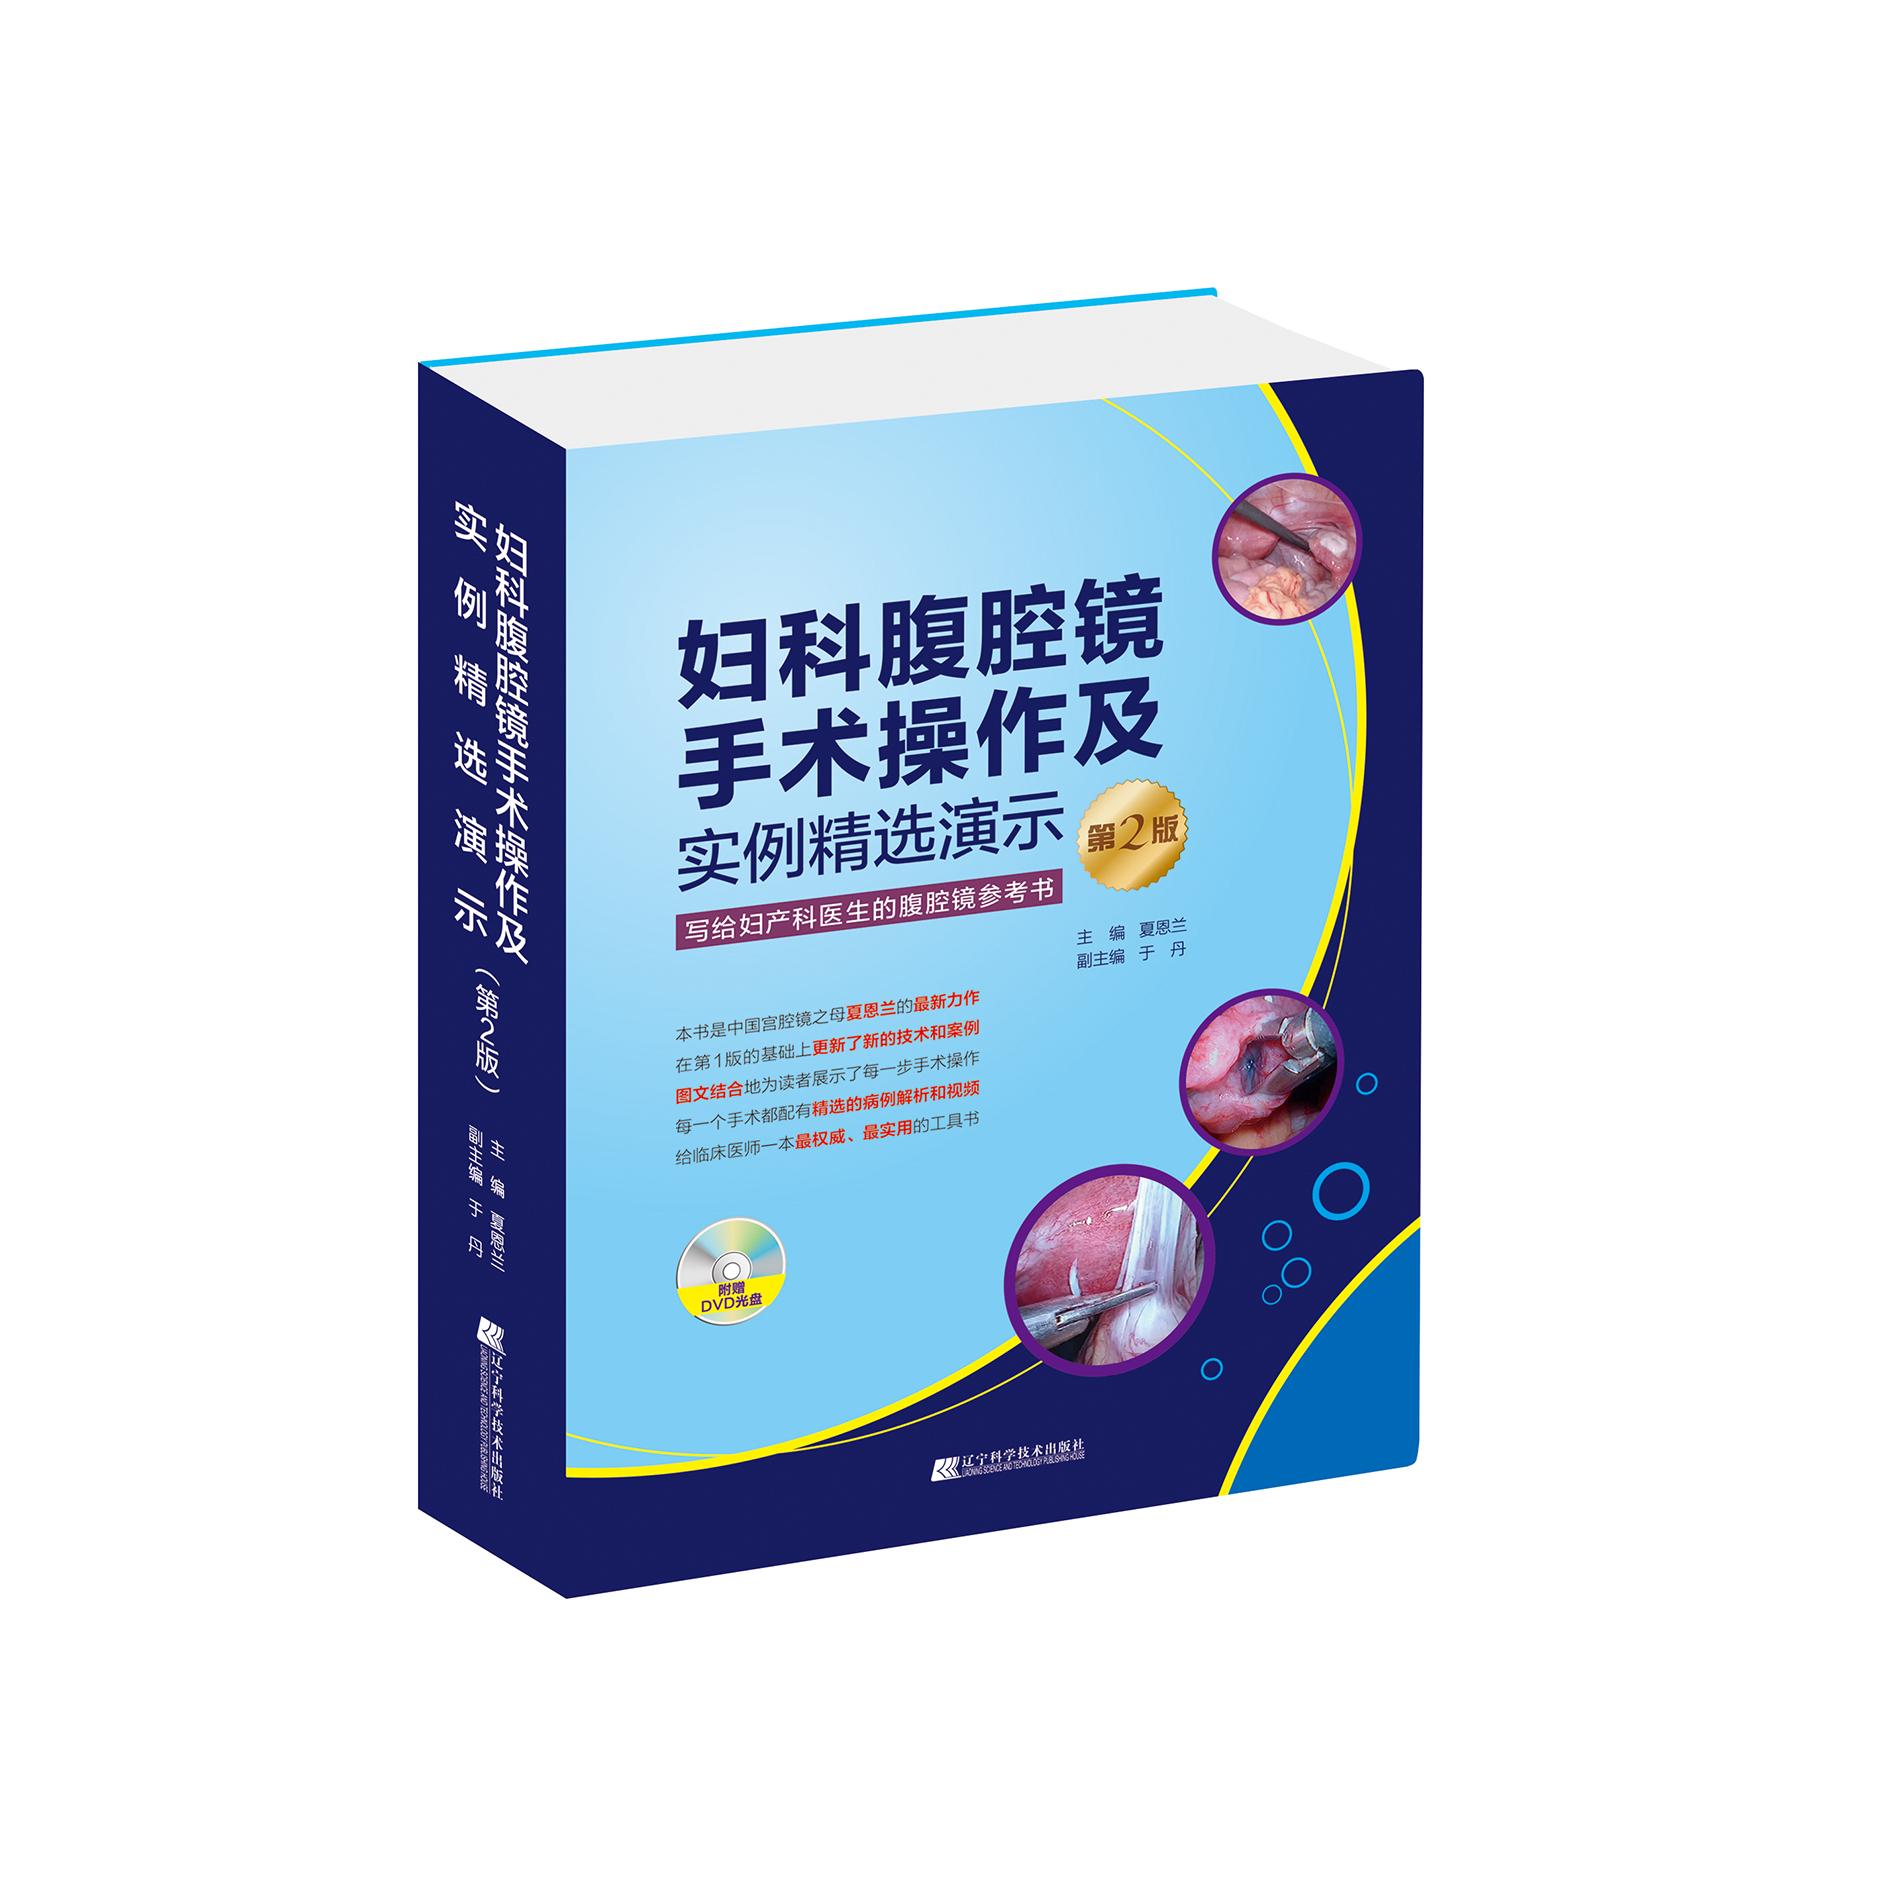 Procedures of Gynecologic Laparoscopy and